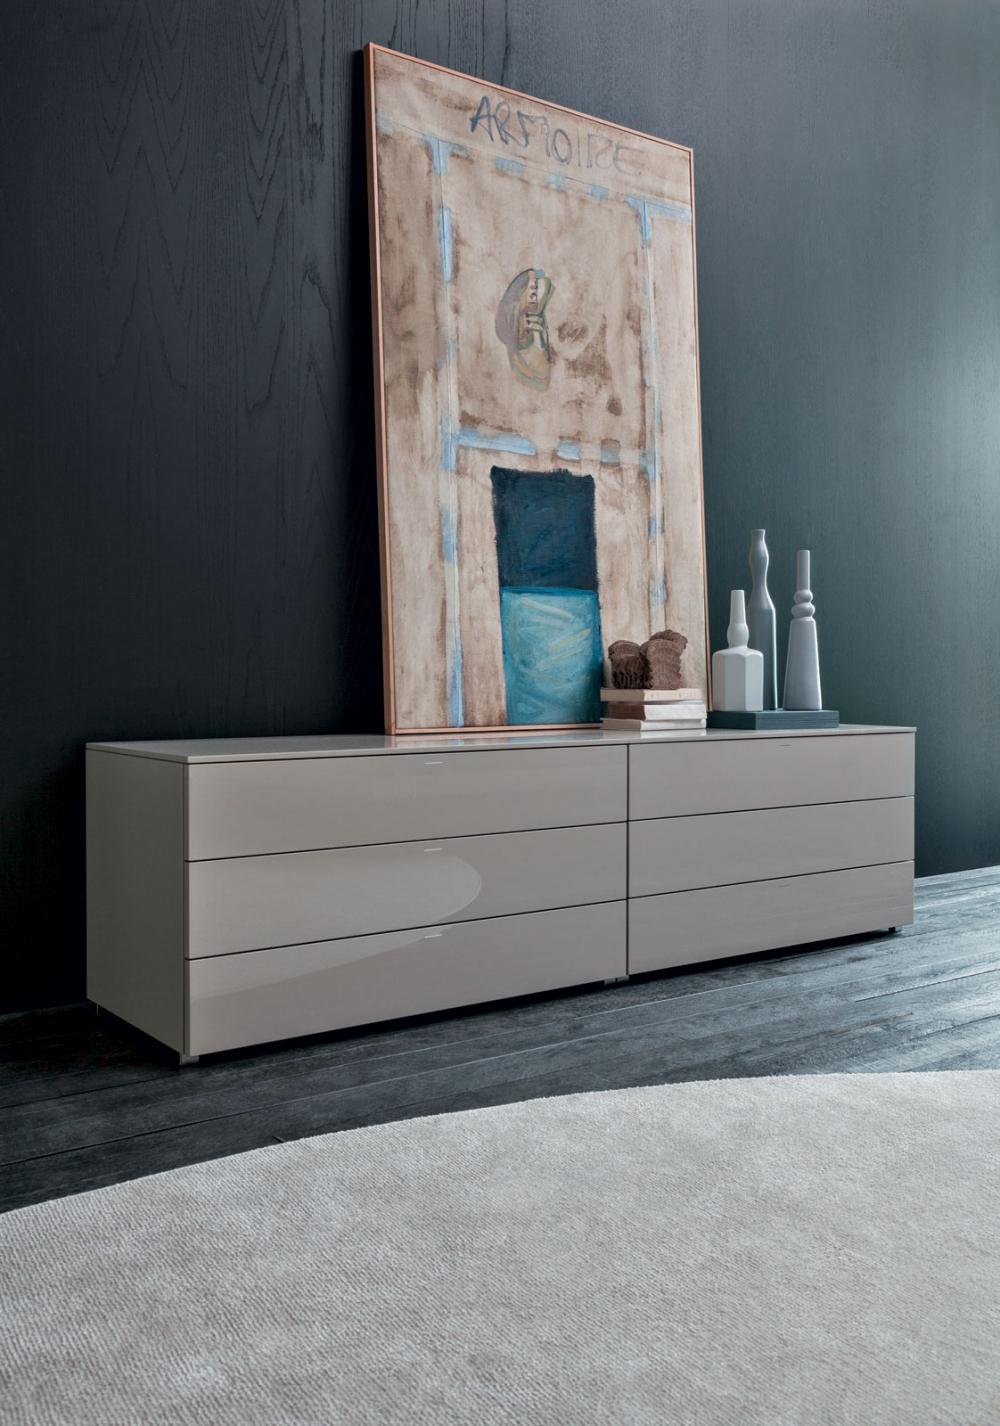 909 design par Luca Meda